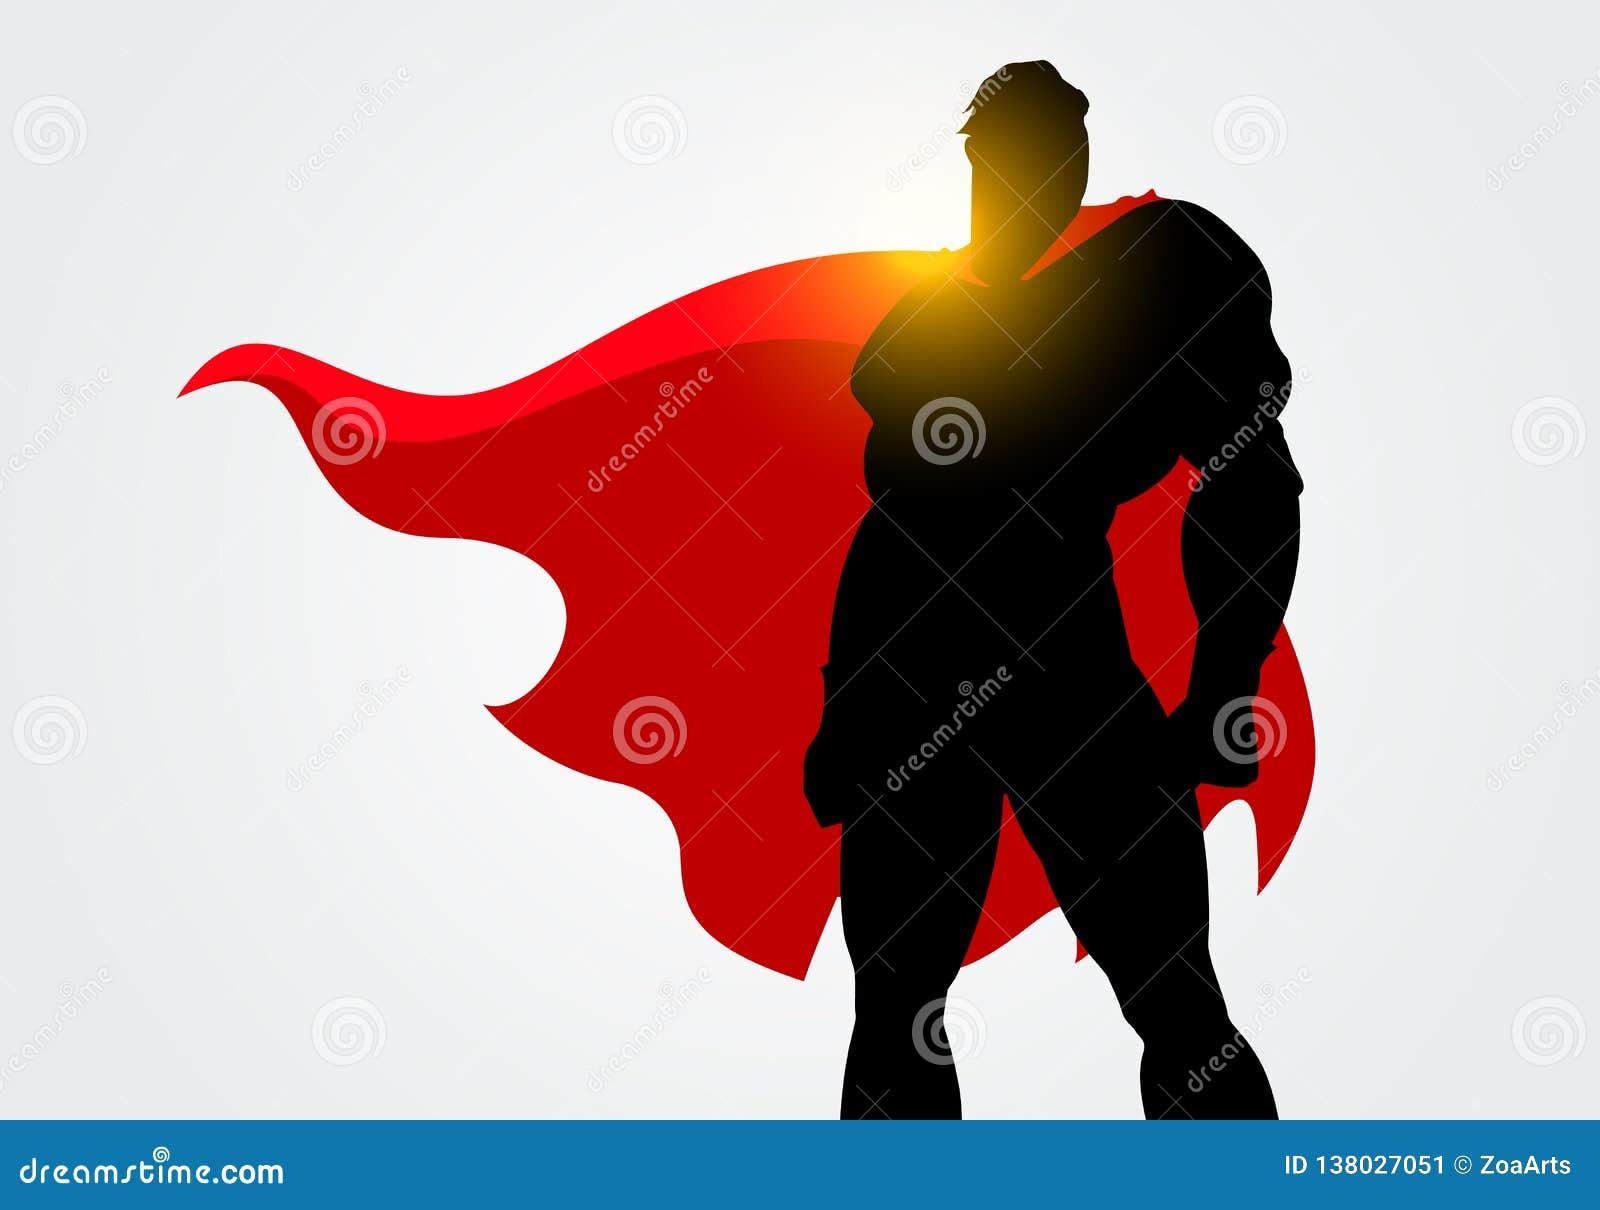 Silueta del ejemplo del vector de un super héroe con la presentación roja del cabo